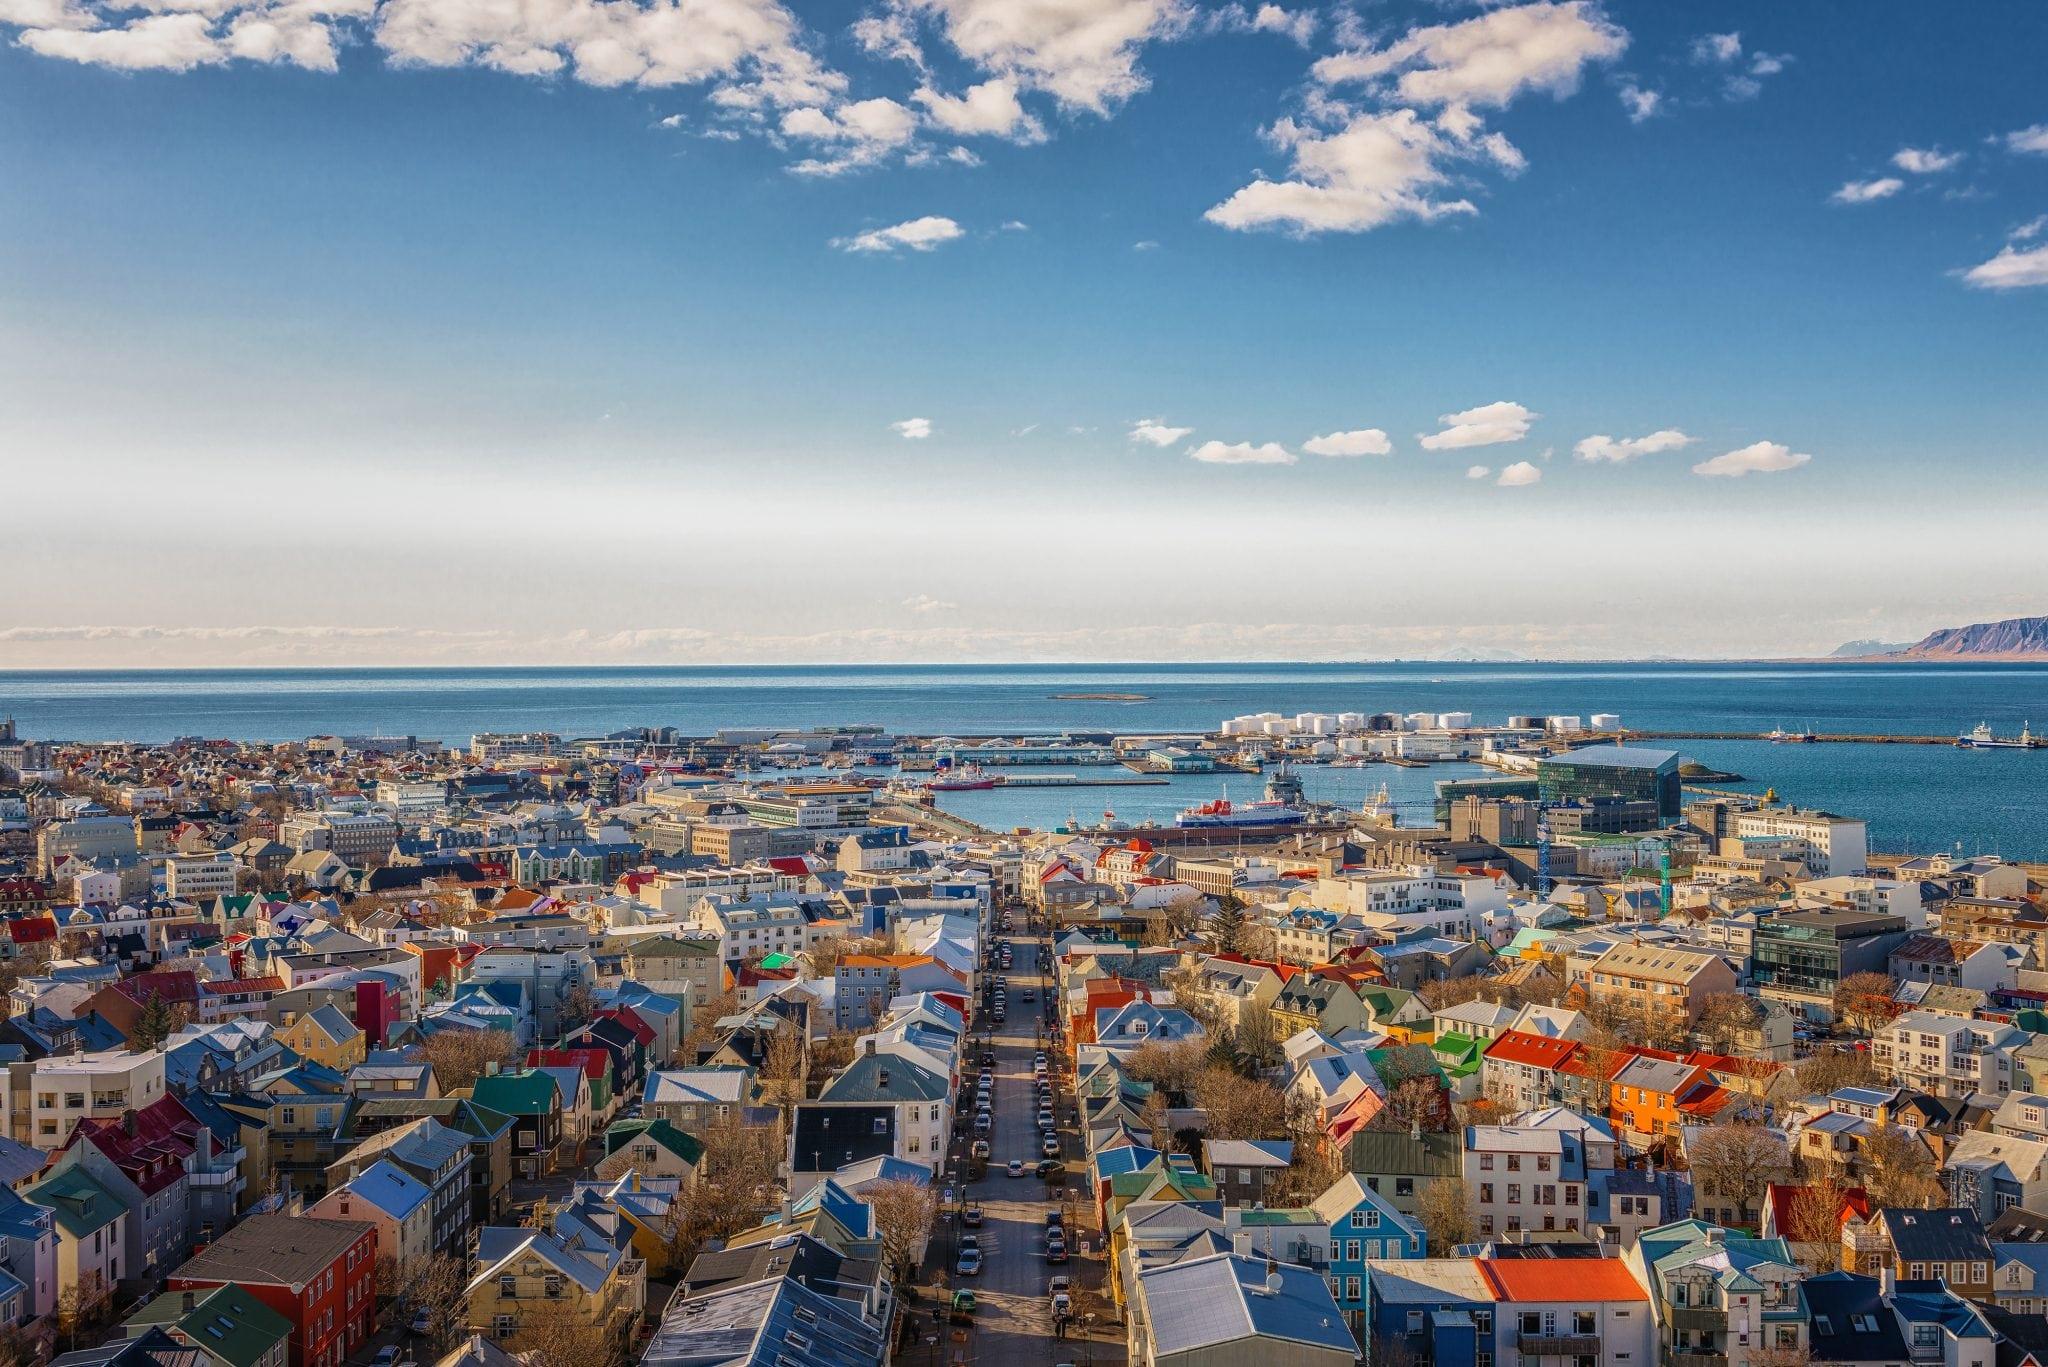 Reykjavík overview